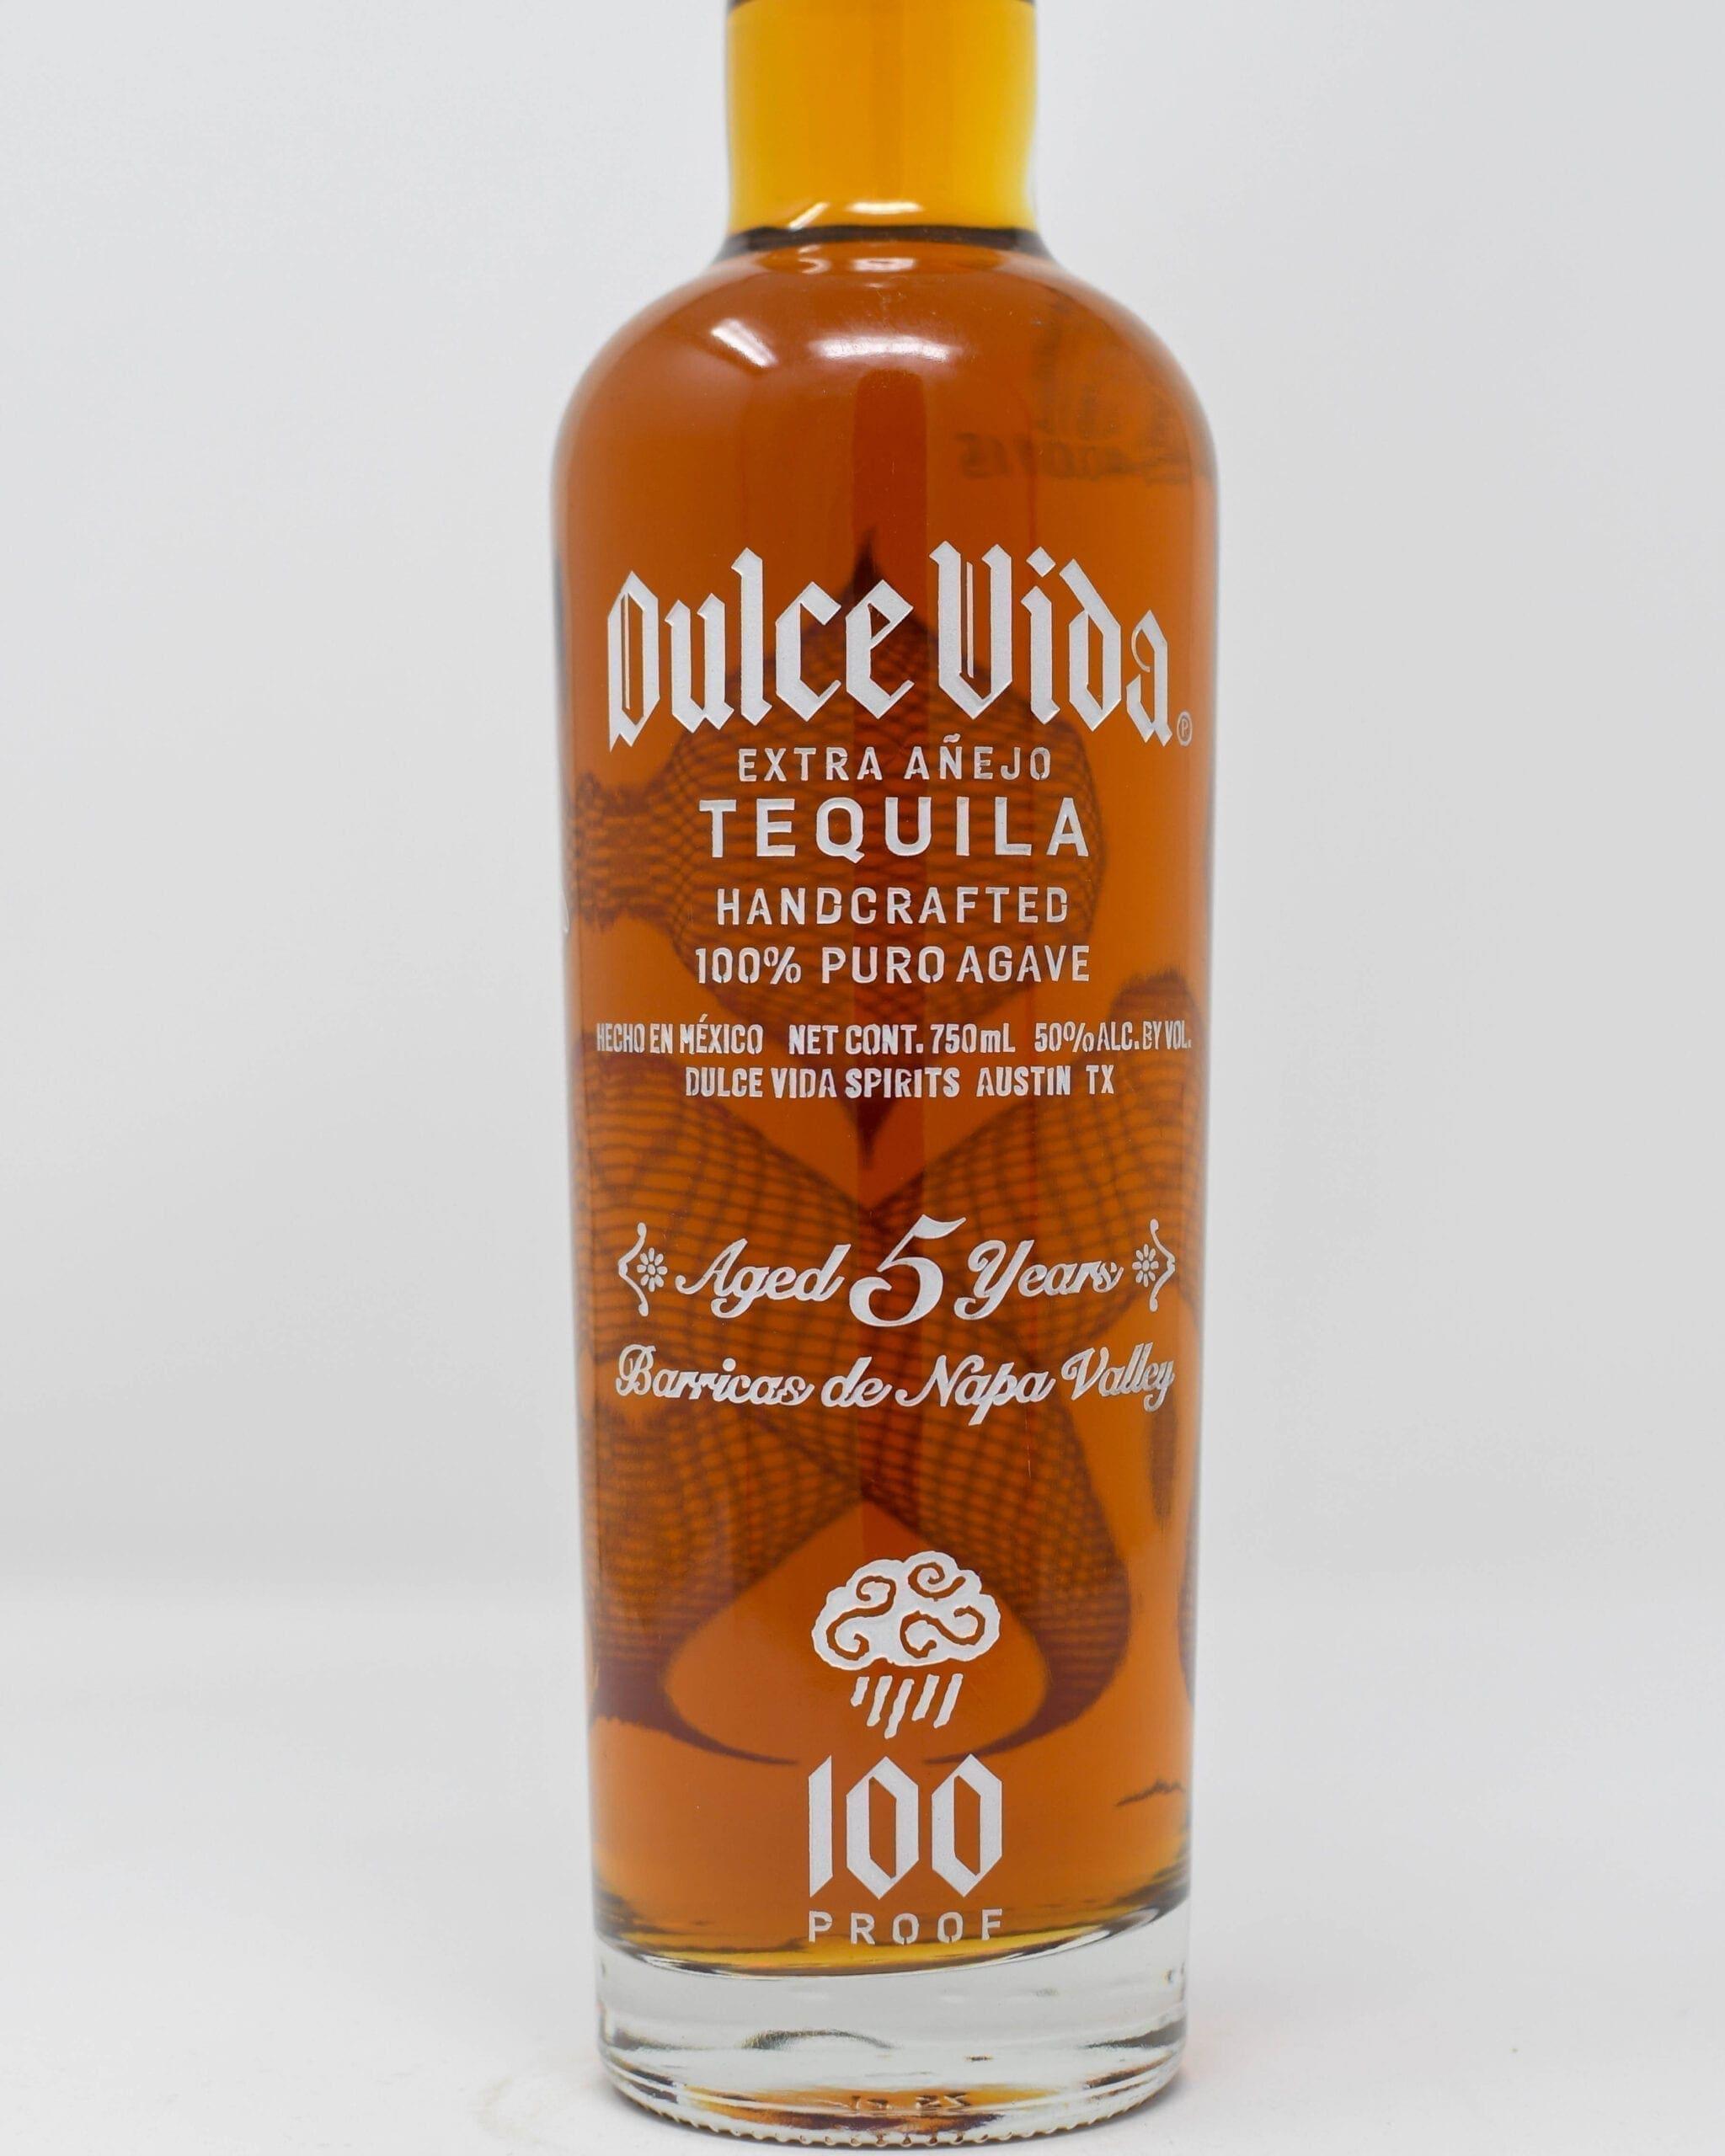 Dulce Vida, Extra Anejo Tequila